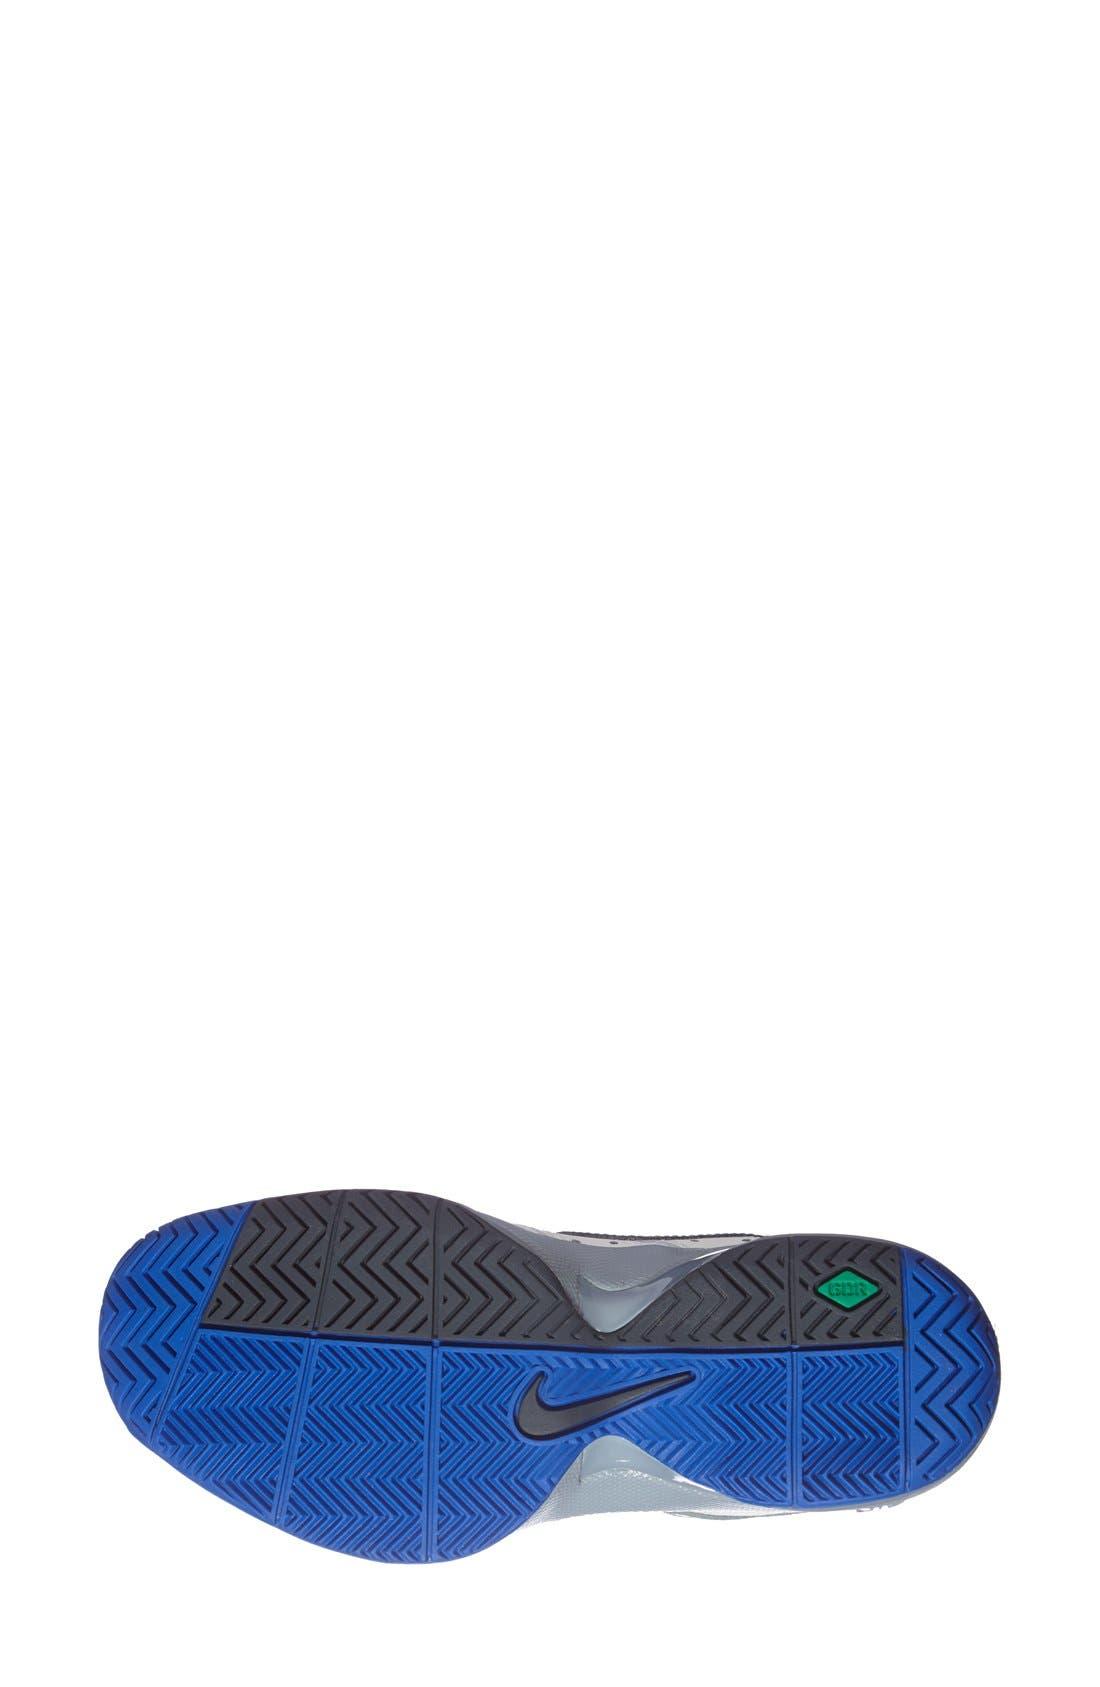 Alternate Image 4  - Nike 'Air Cage Court' Tennis Shoe (Women) (Regular Retail Price: $70.00)